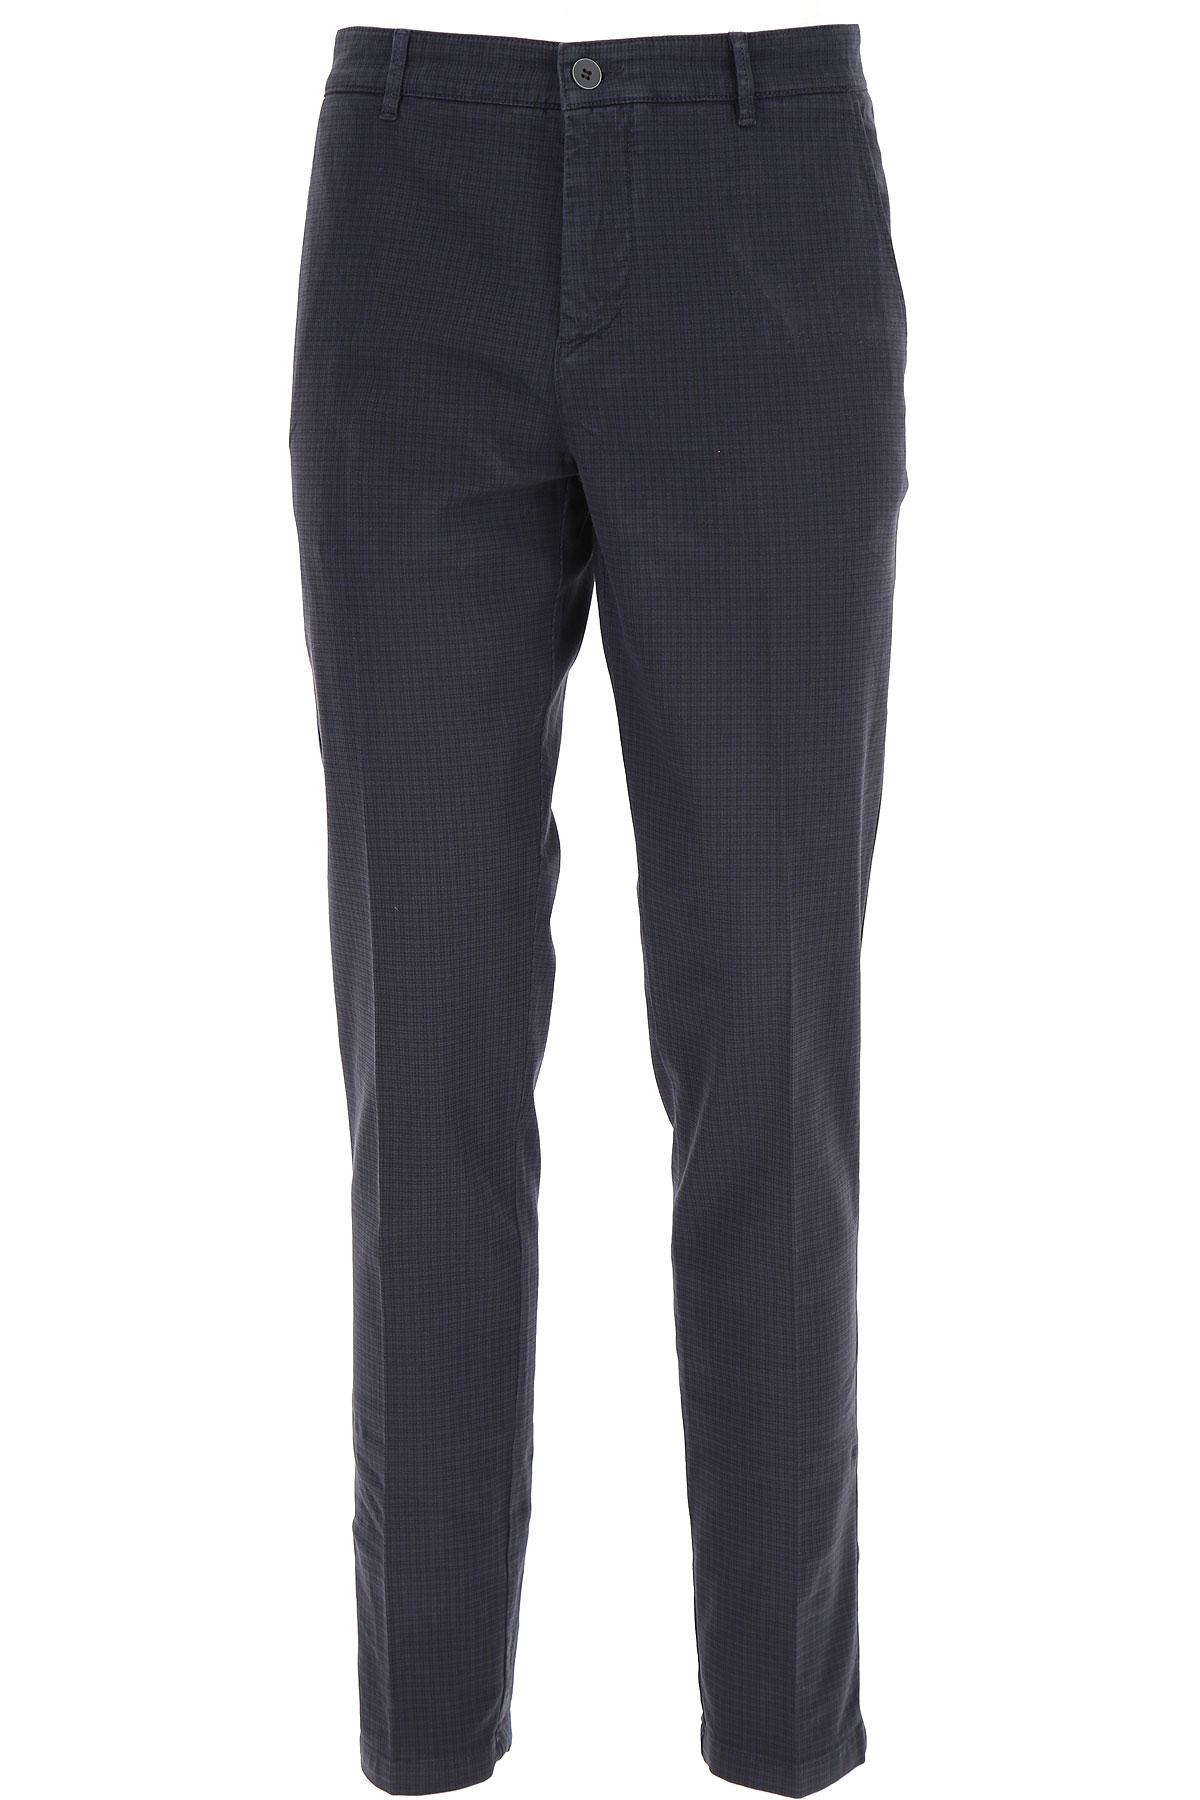 Brooksfield Pants for Men On Sale, Blue, Cotton, 2019, 32 34 36 38